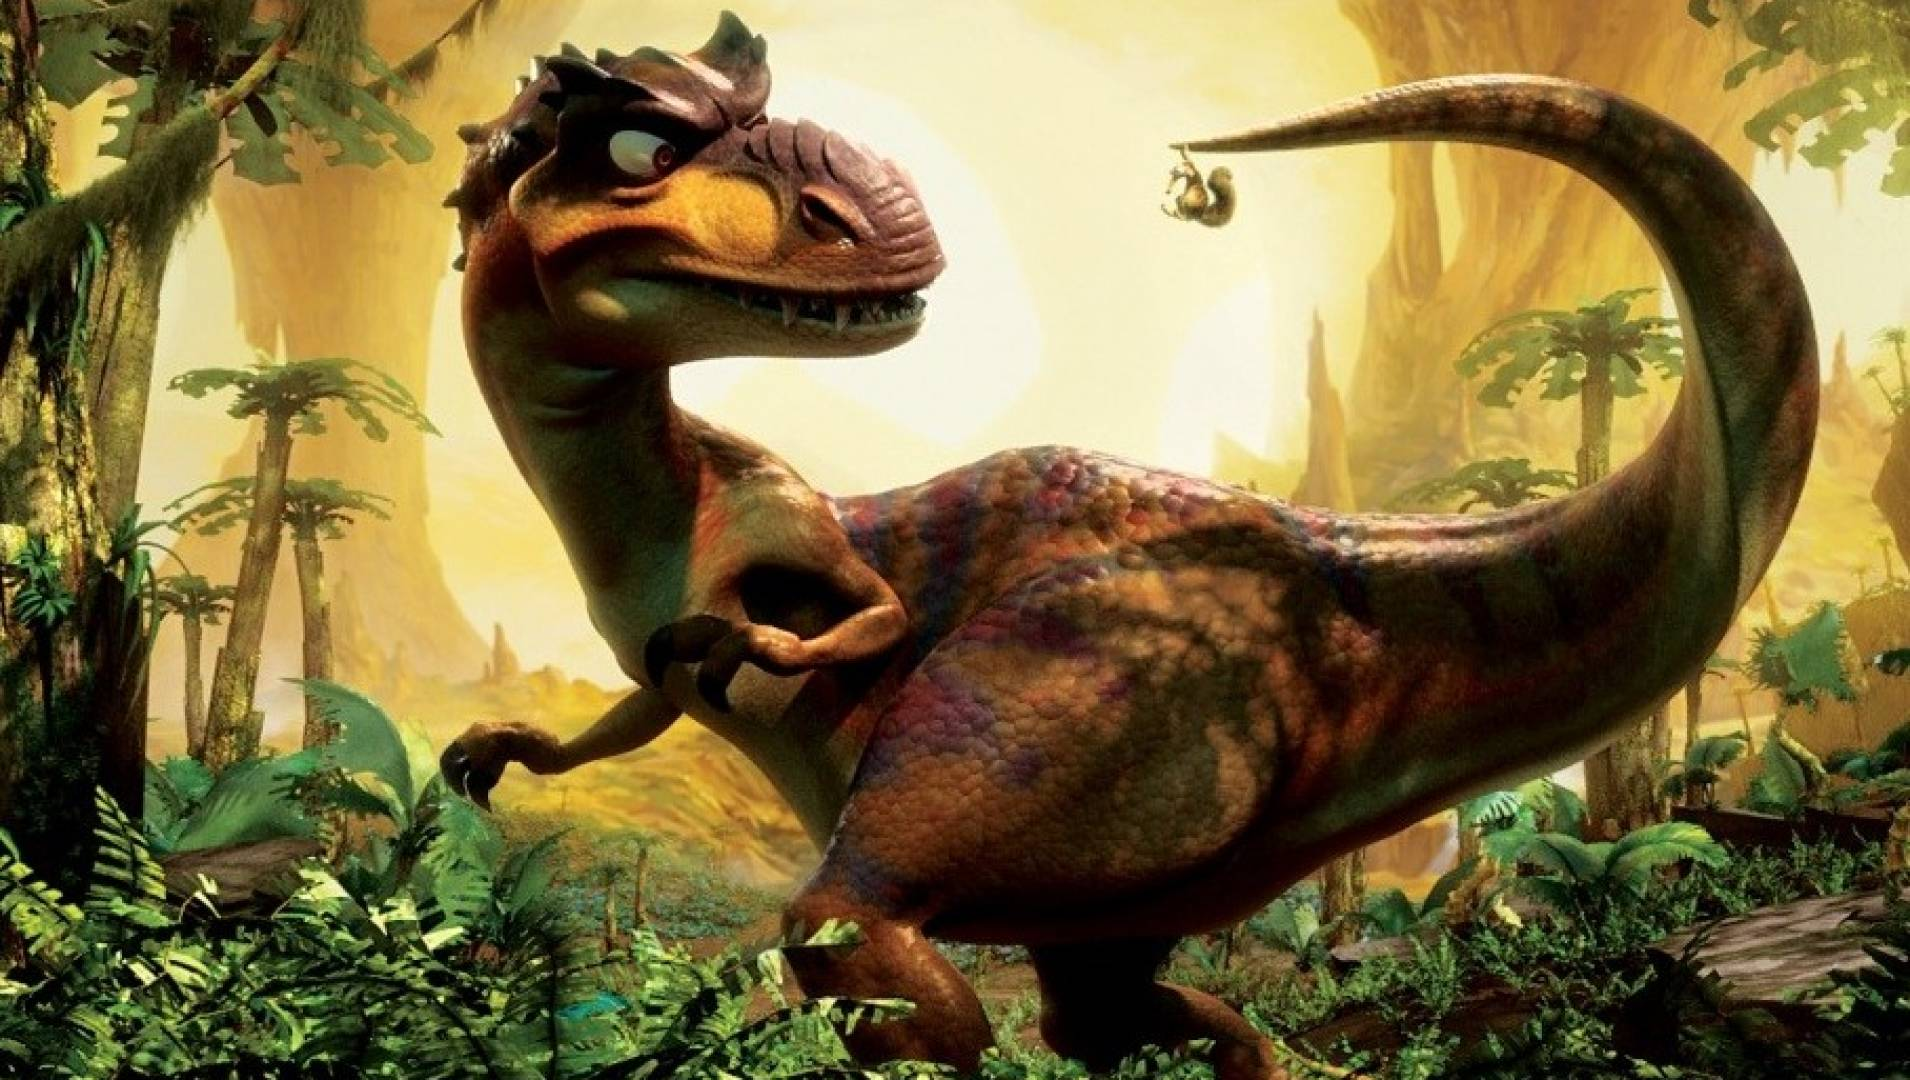 Ледниковый период - 3: Эра динозавров - Приключения, Анимационный фильм